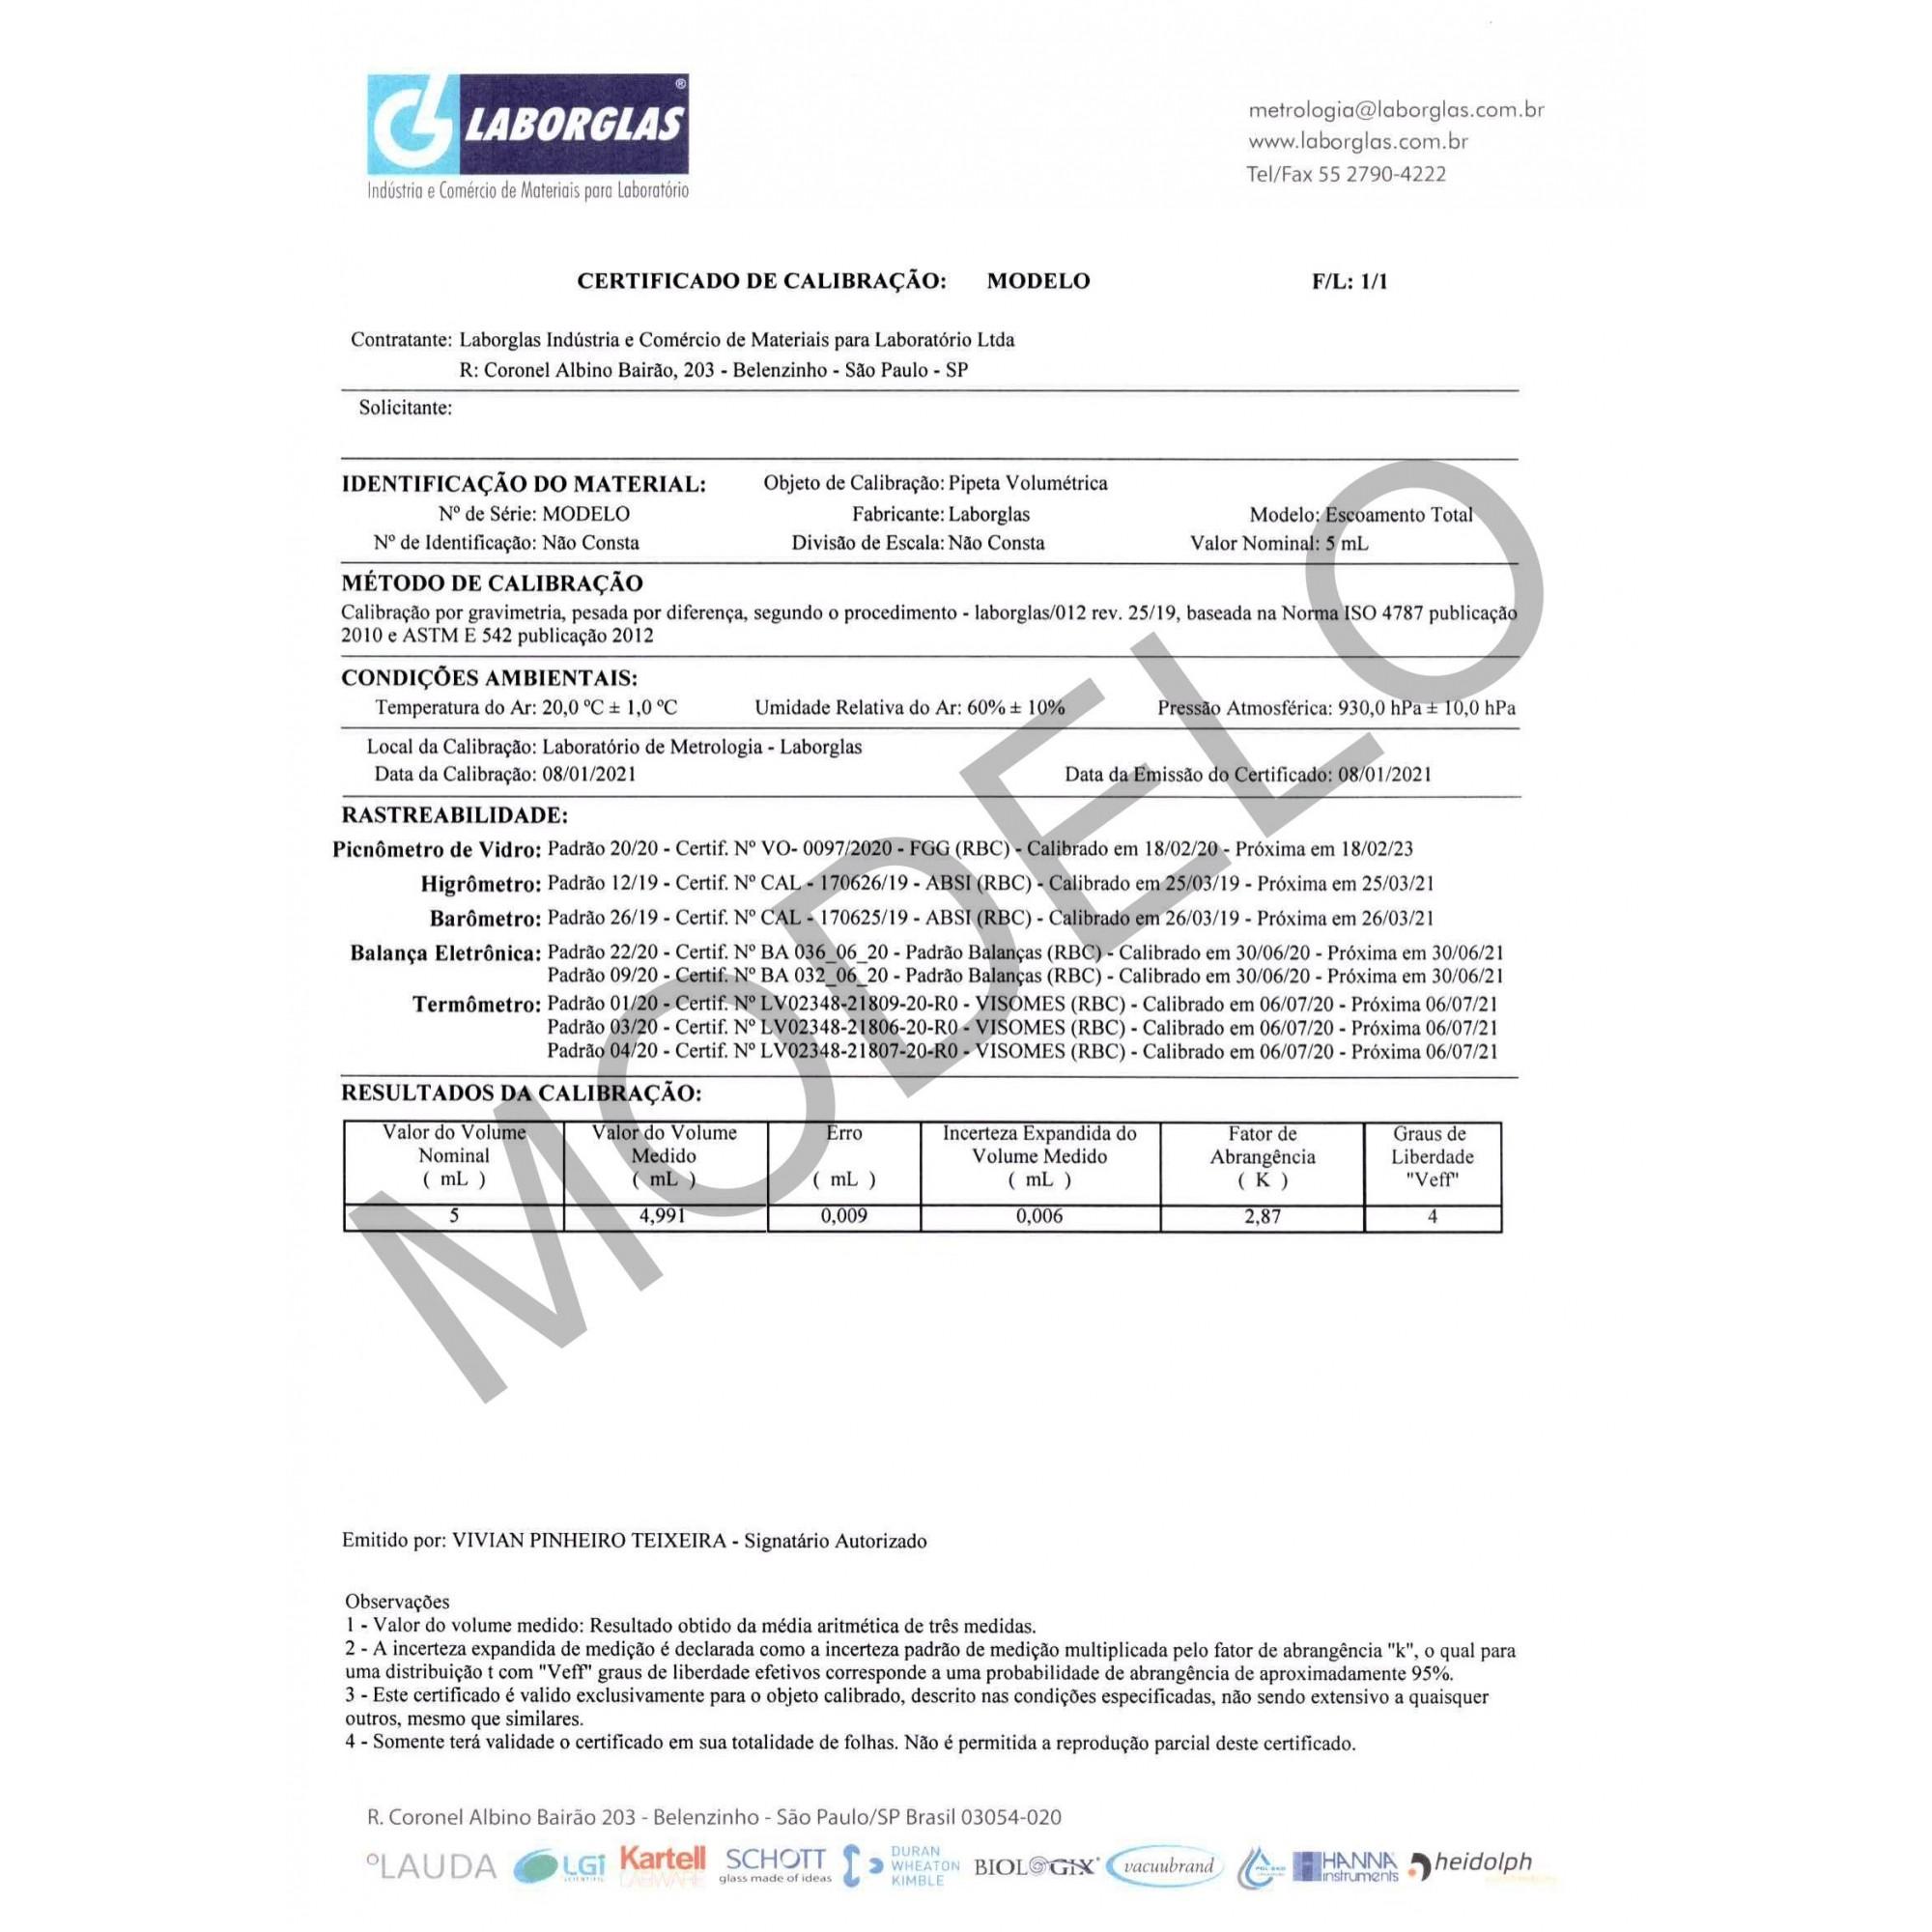 PIPETA VOLUMÉTRICA ESGOTAMENTO TOTAL 2 ML CERTIFICADO RASTREÁVEL - Laborglas - Cód. 9433703-C